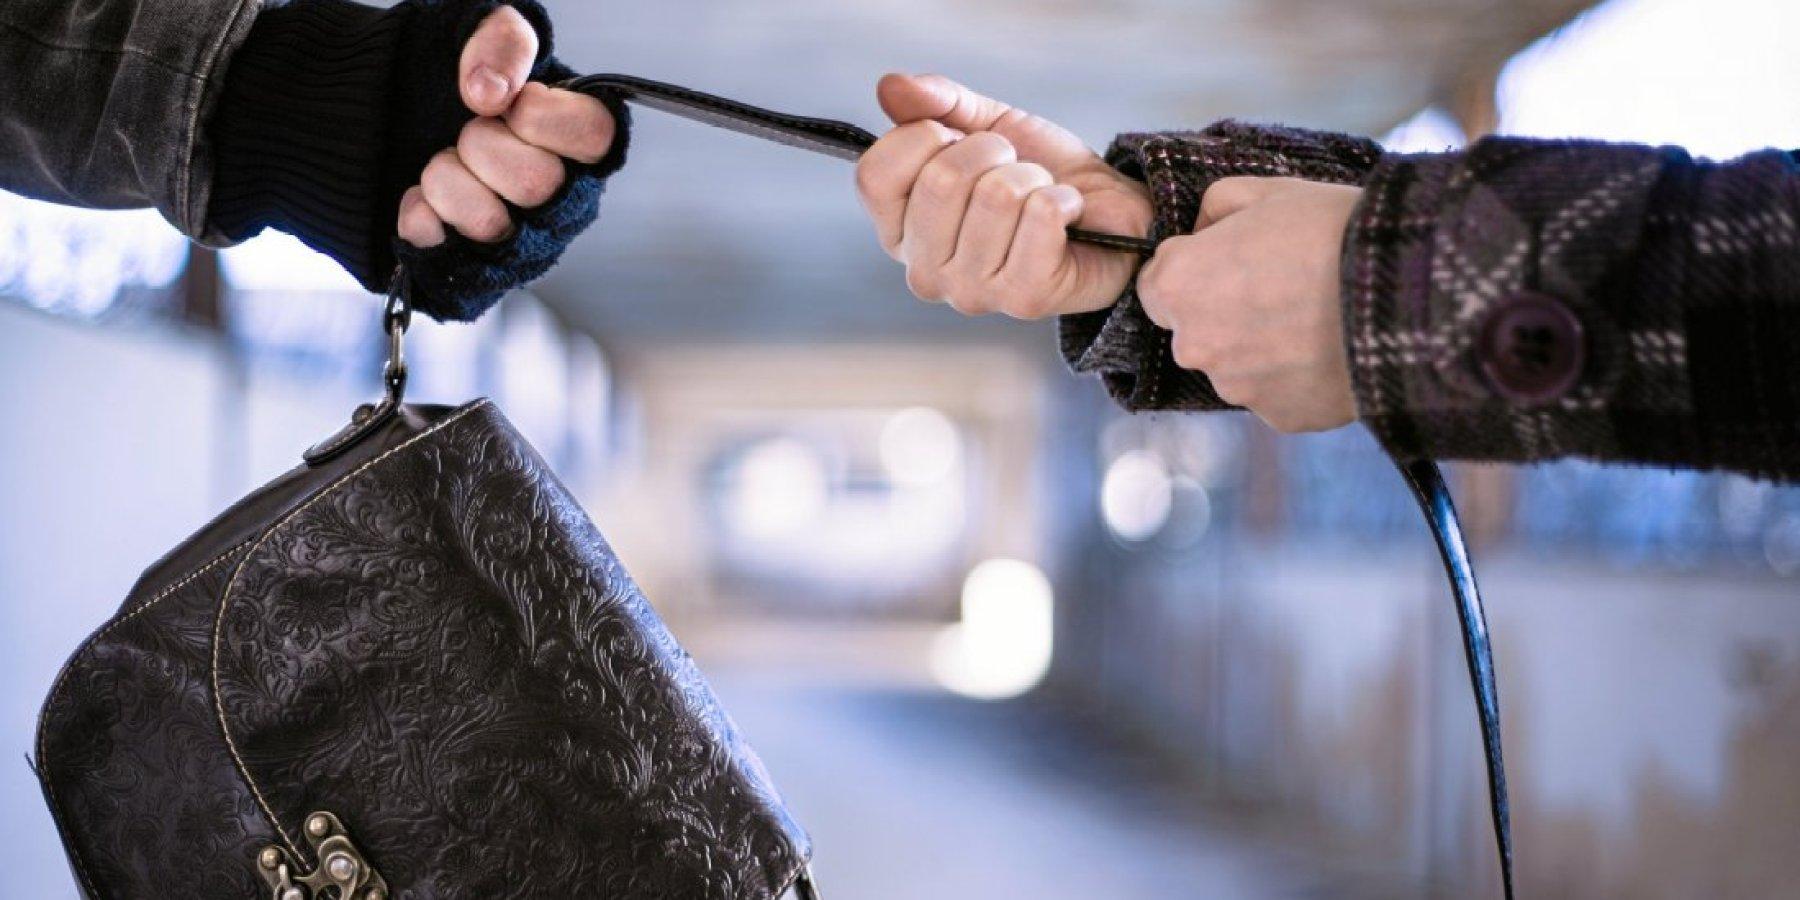 Tasche von der Schulter gerissen und Smartphone entwendet